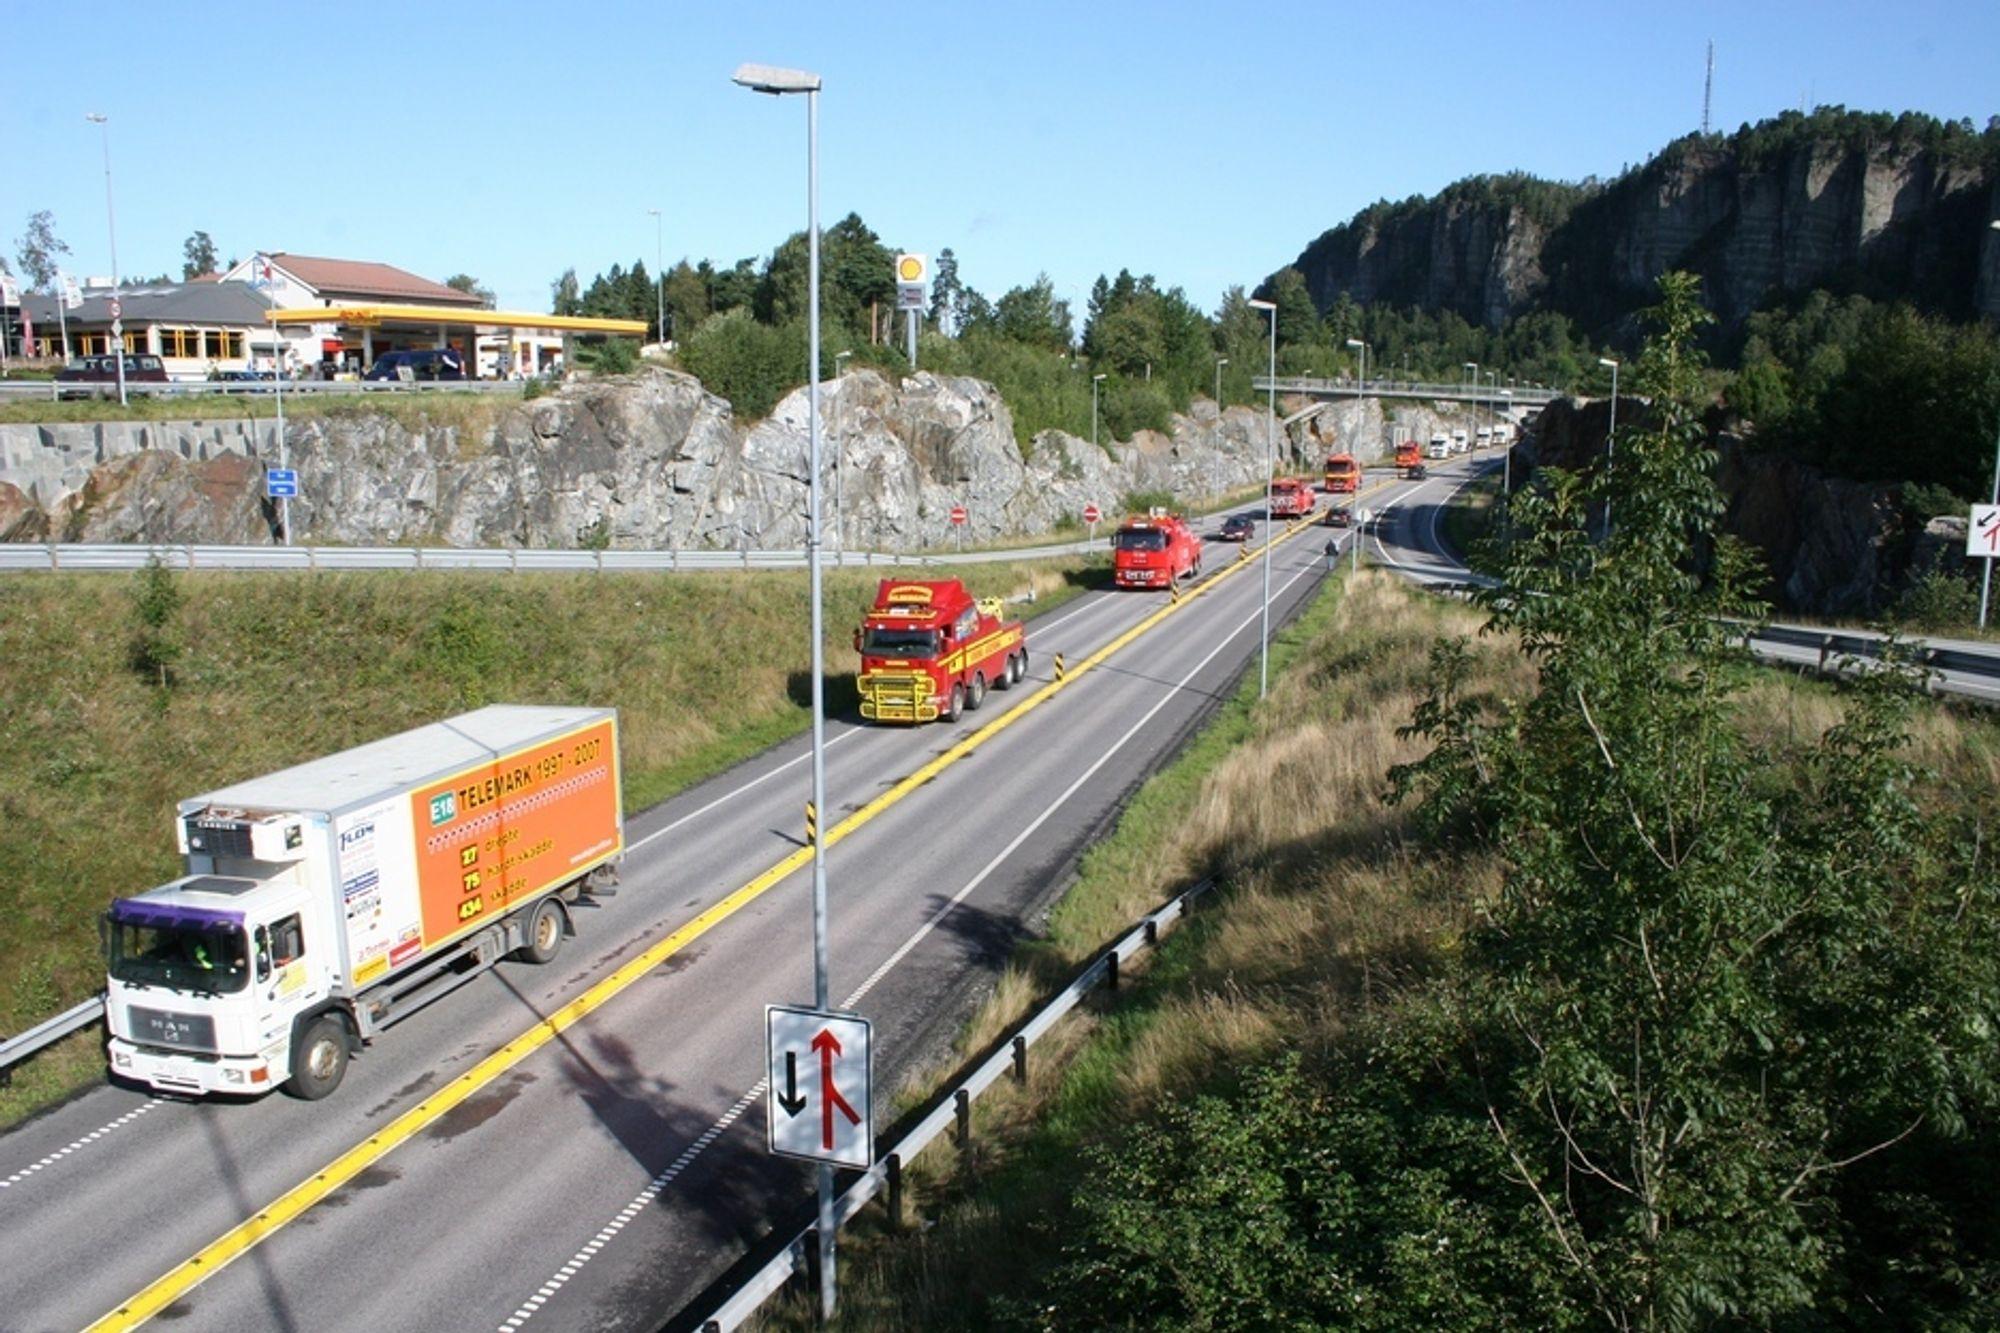 E18-AKSJON: Om en drøy måned er det klart for årets aksjon på E18 i Telemark. Kravet til Aksjonsgruppa E18 Telemark er firefelts motorvei mellom Langangen og Grimstad. Strekningen er svært ulykkesbelastet.